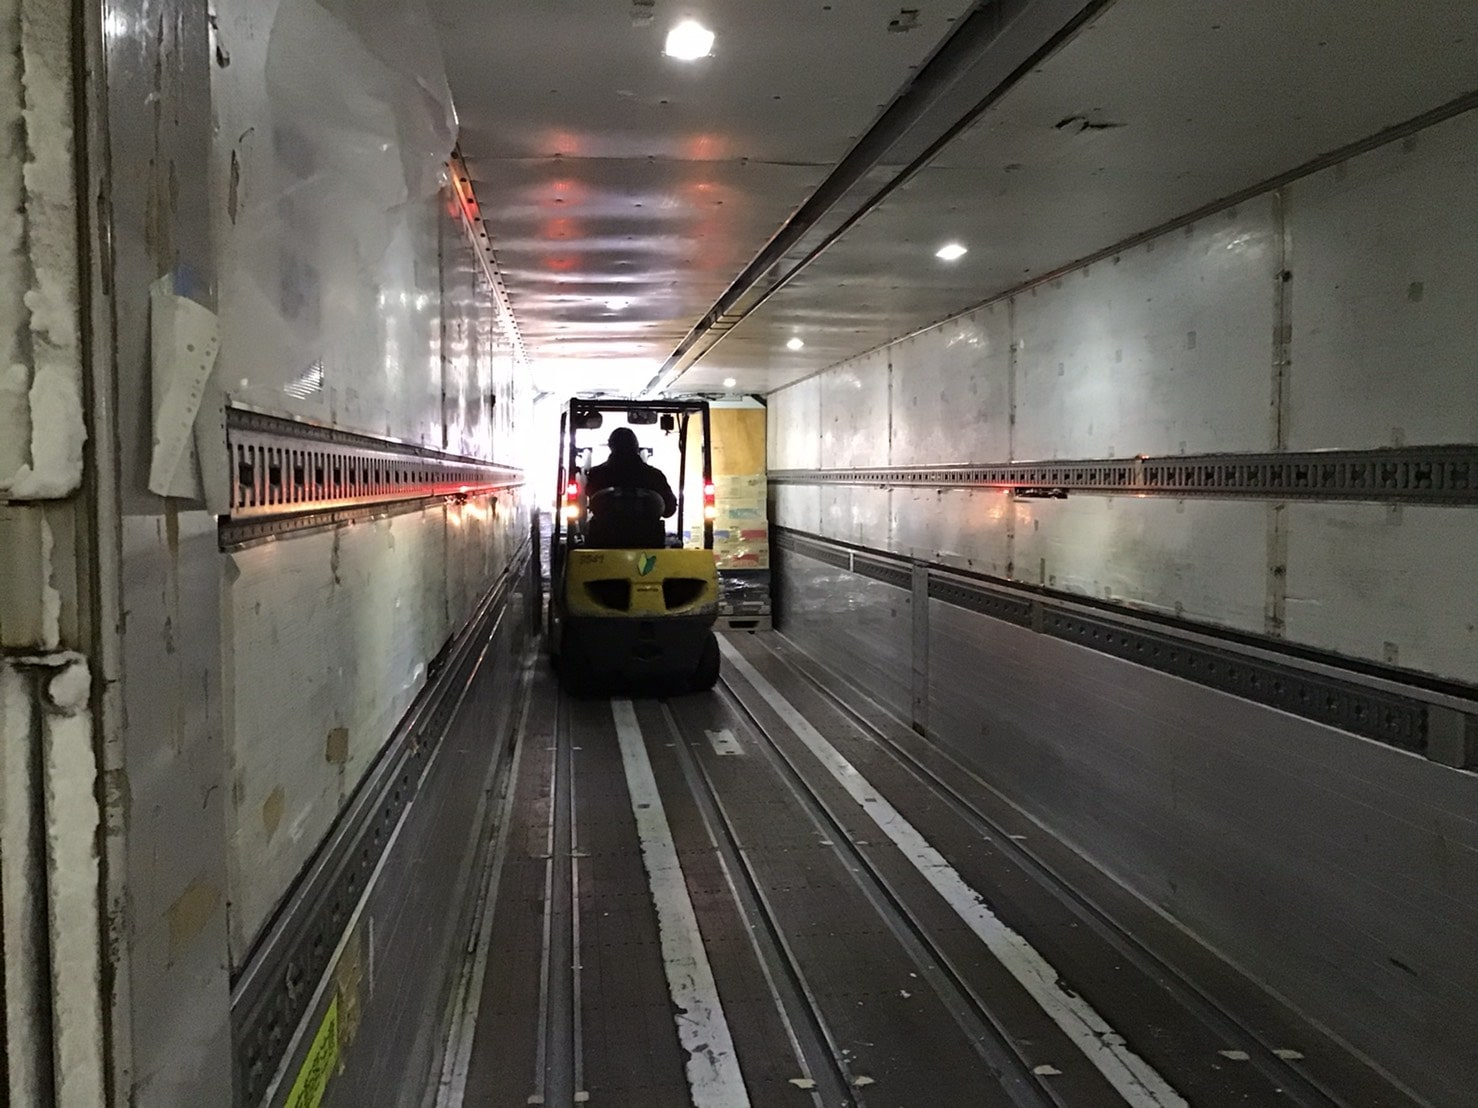 札幌運輸課 - トレーラー運送